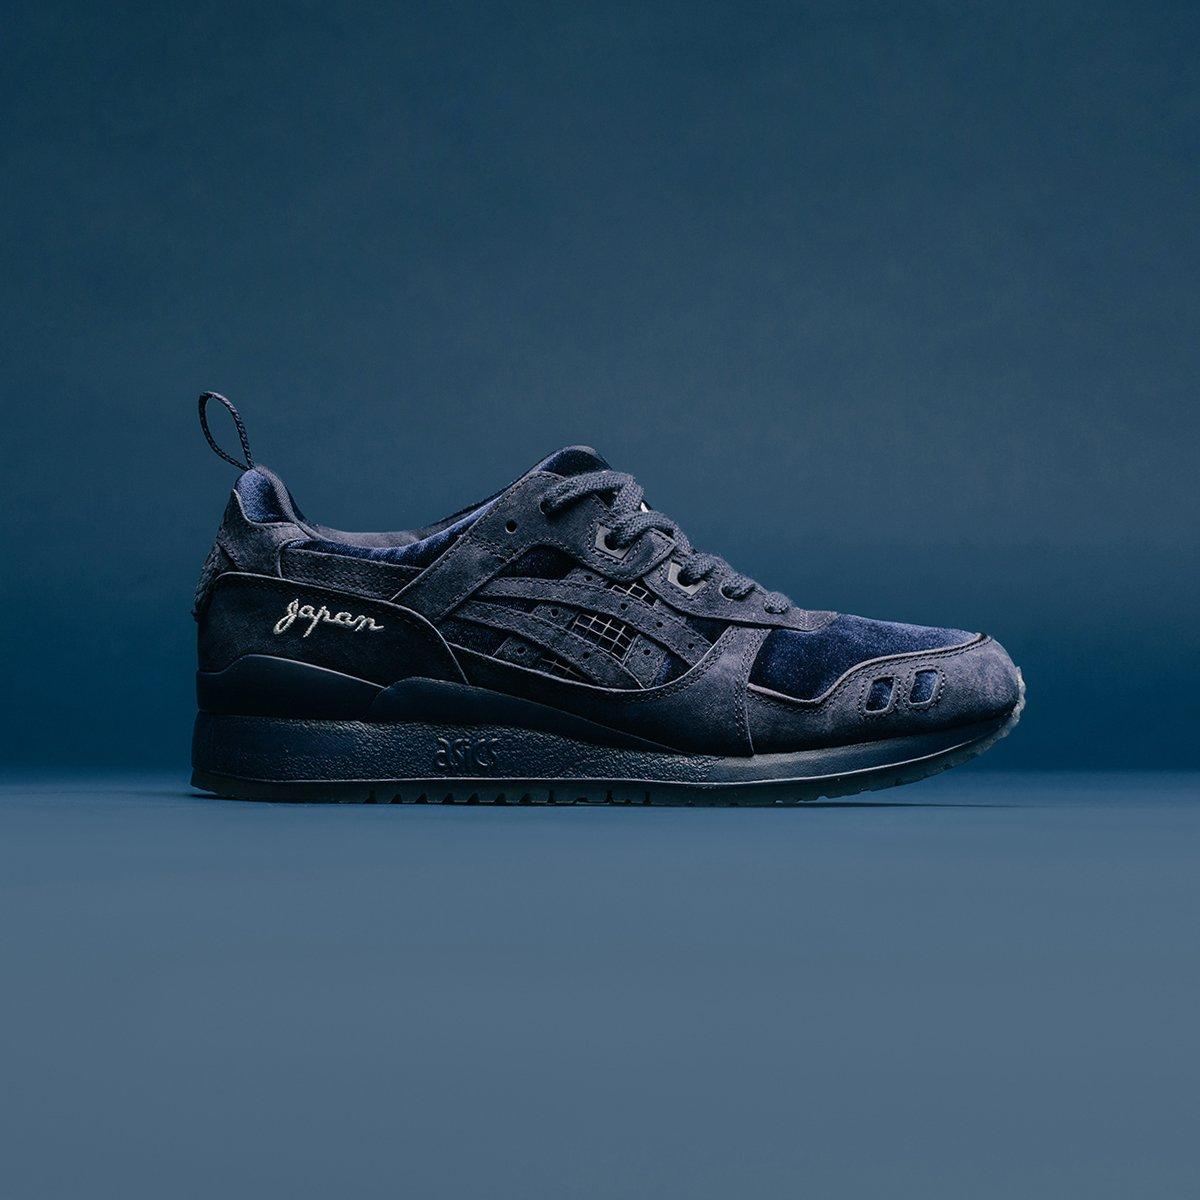 Elliot adidas sneakers